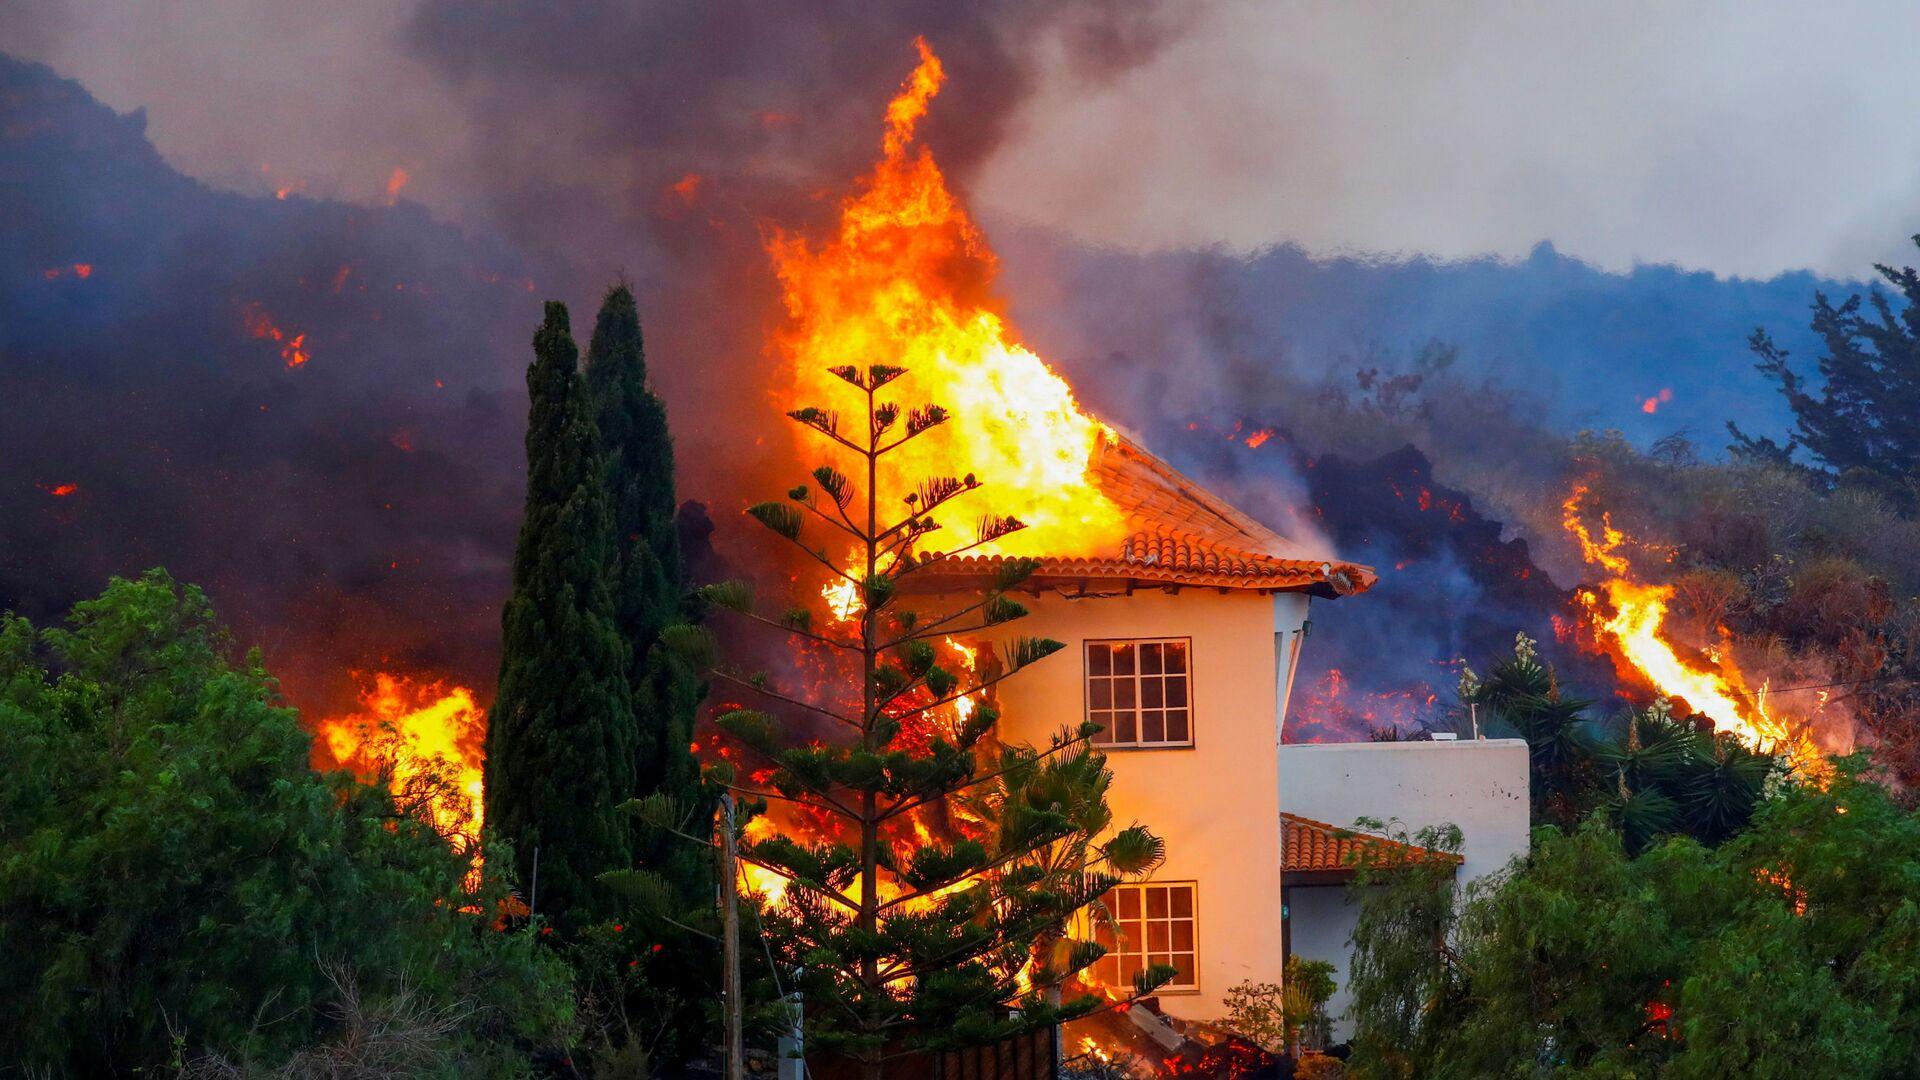 Дом горит из-за лавы в результате извержения вулкана на Канарском острове Ла Пальма - Sputnik Italia, 1920, 25.09.2021